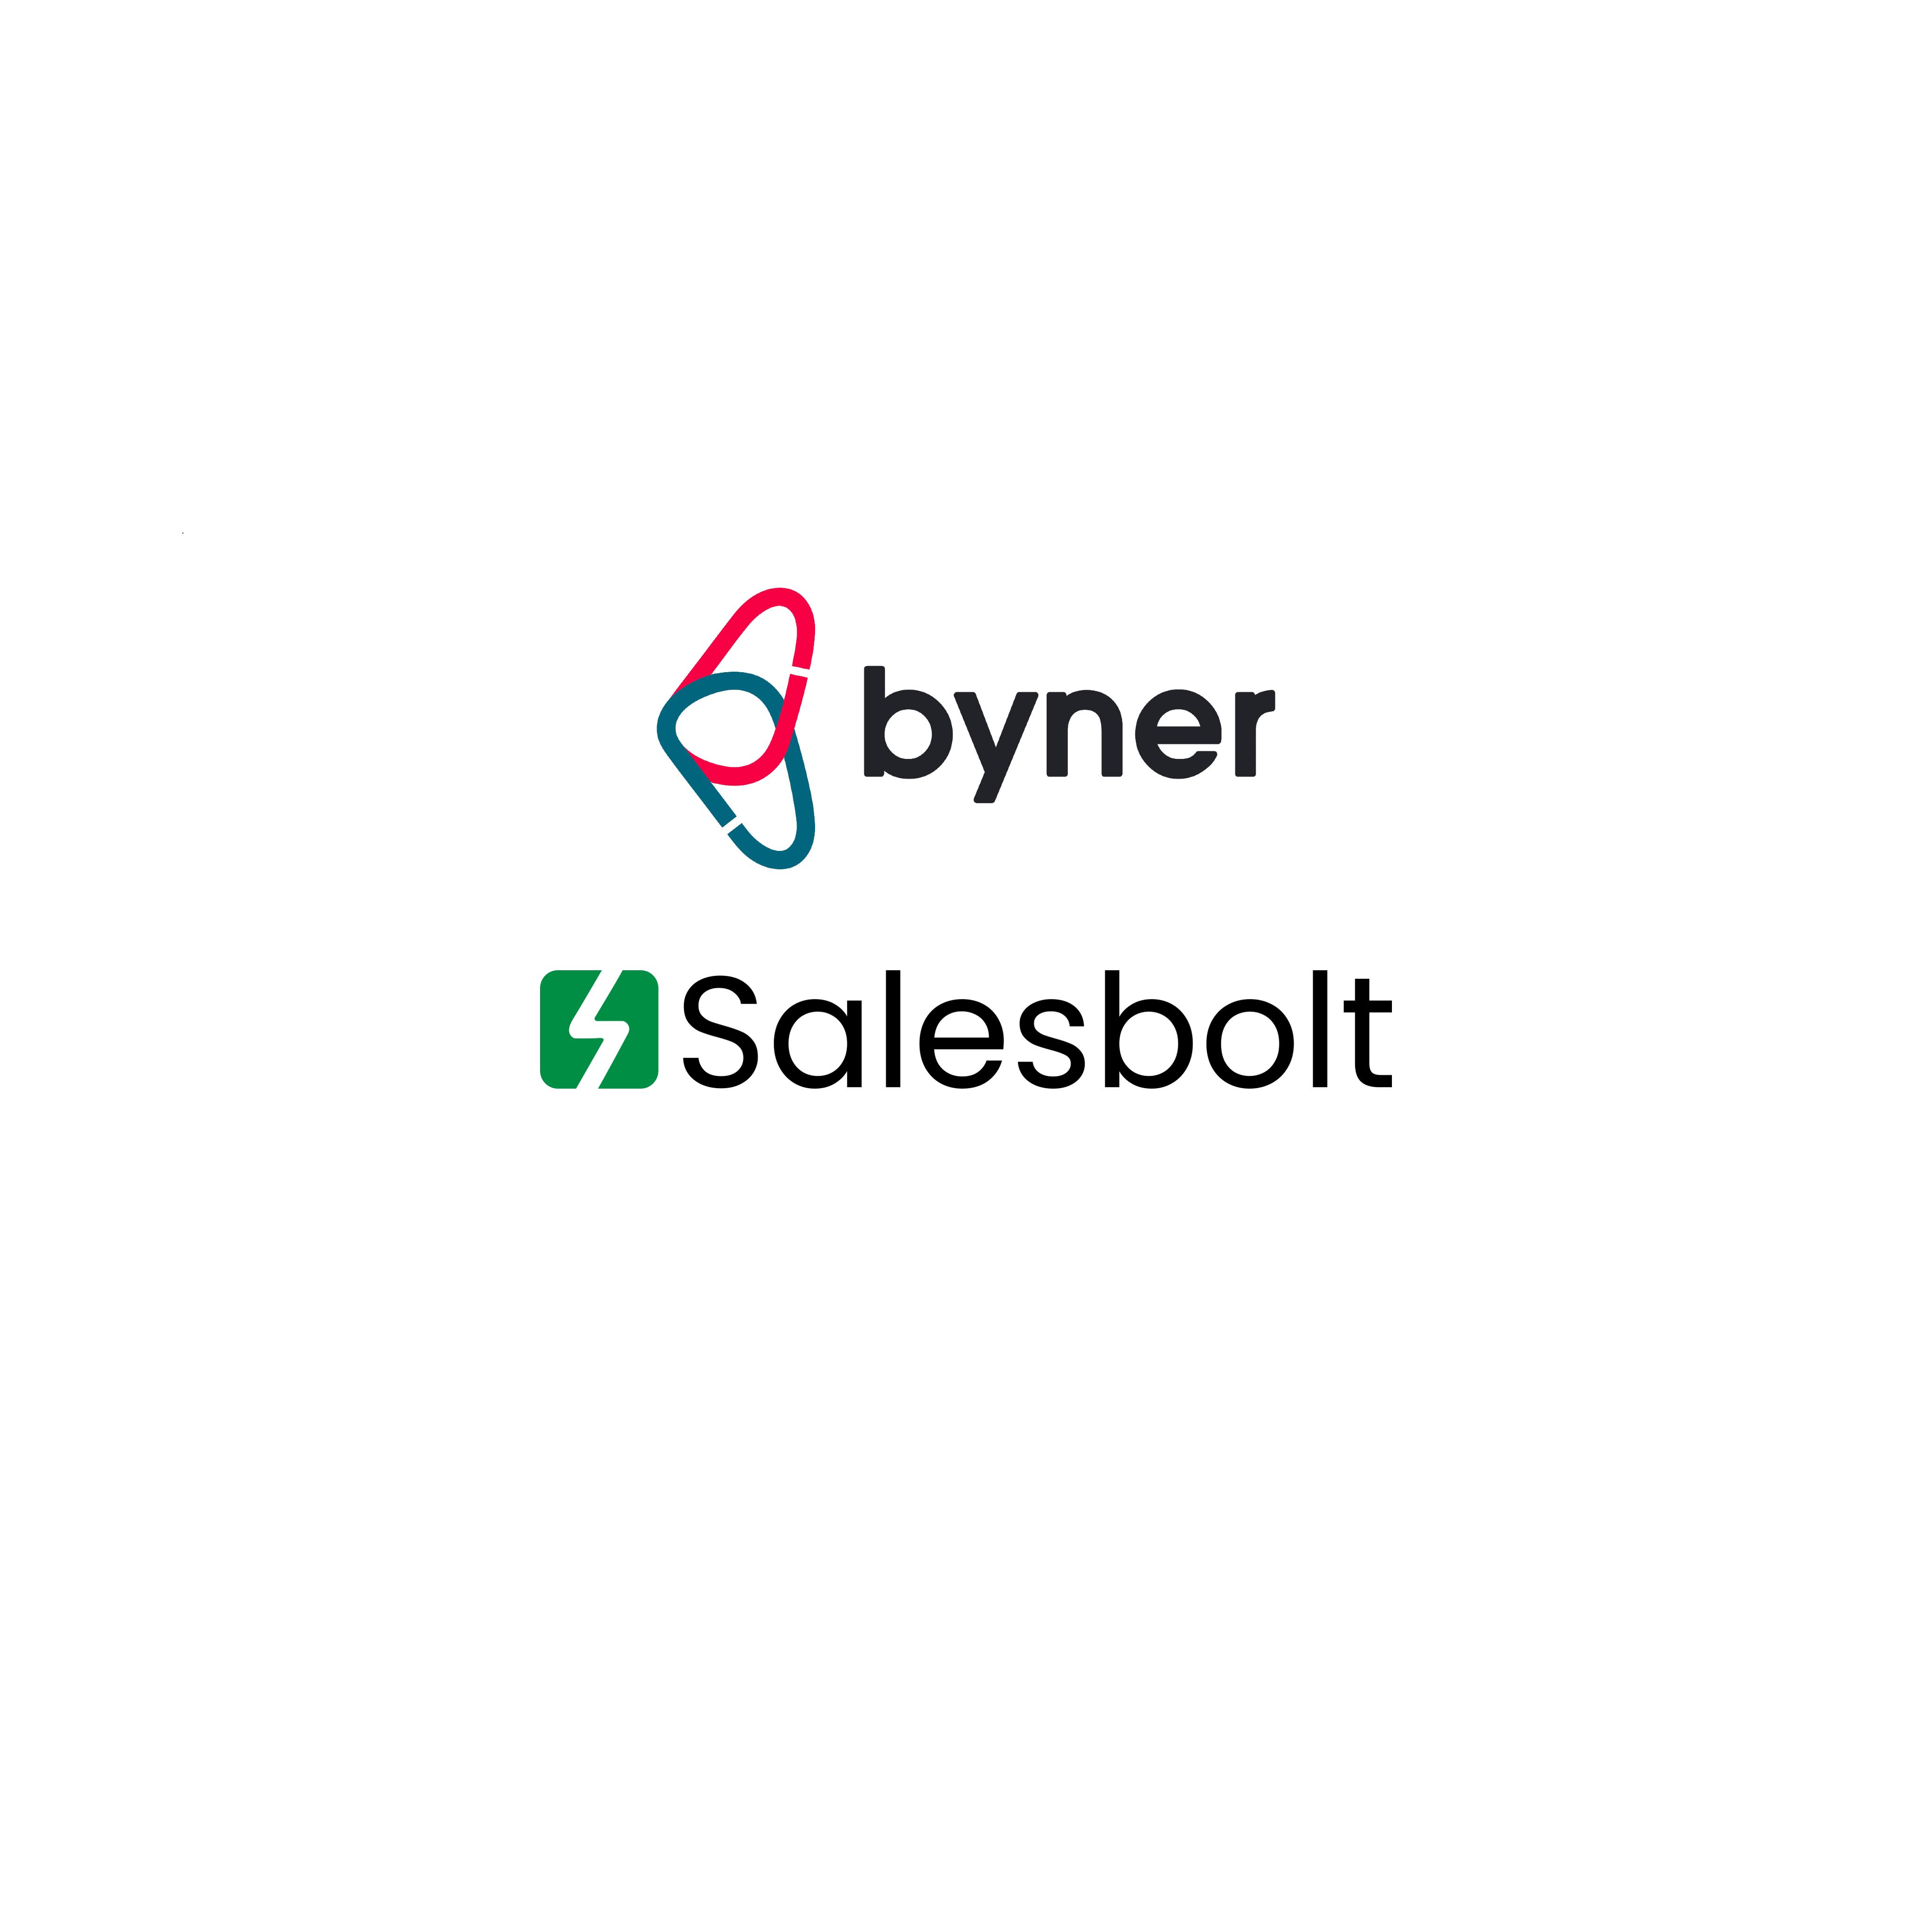 Byner & Salesbolt